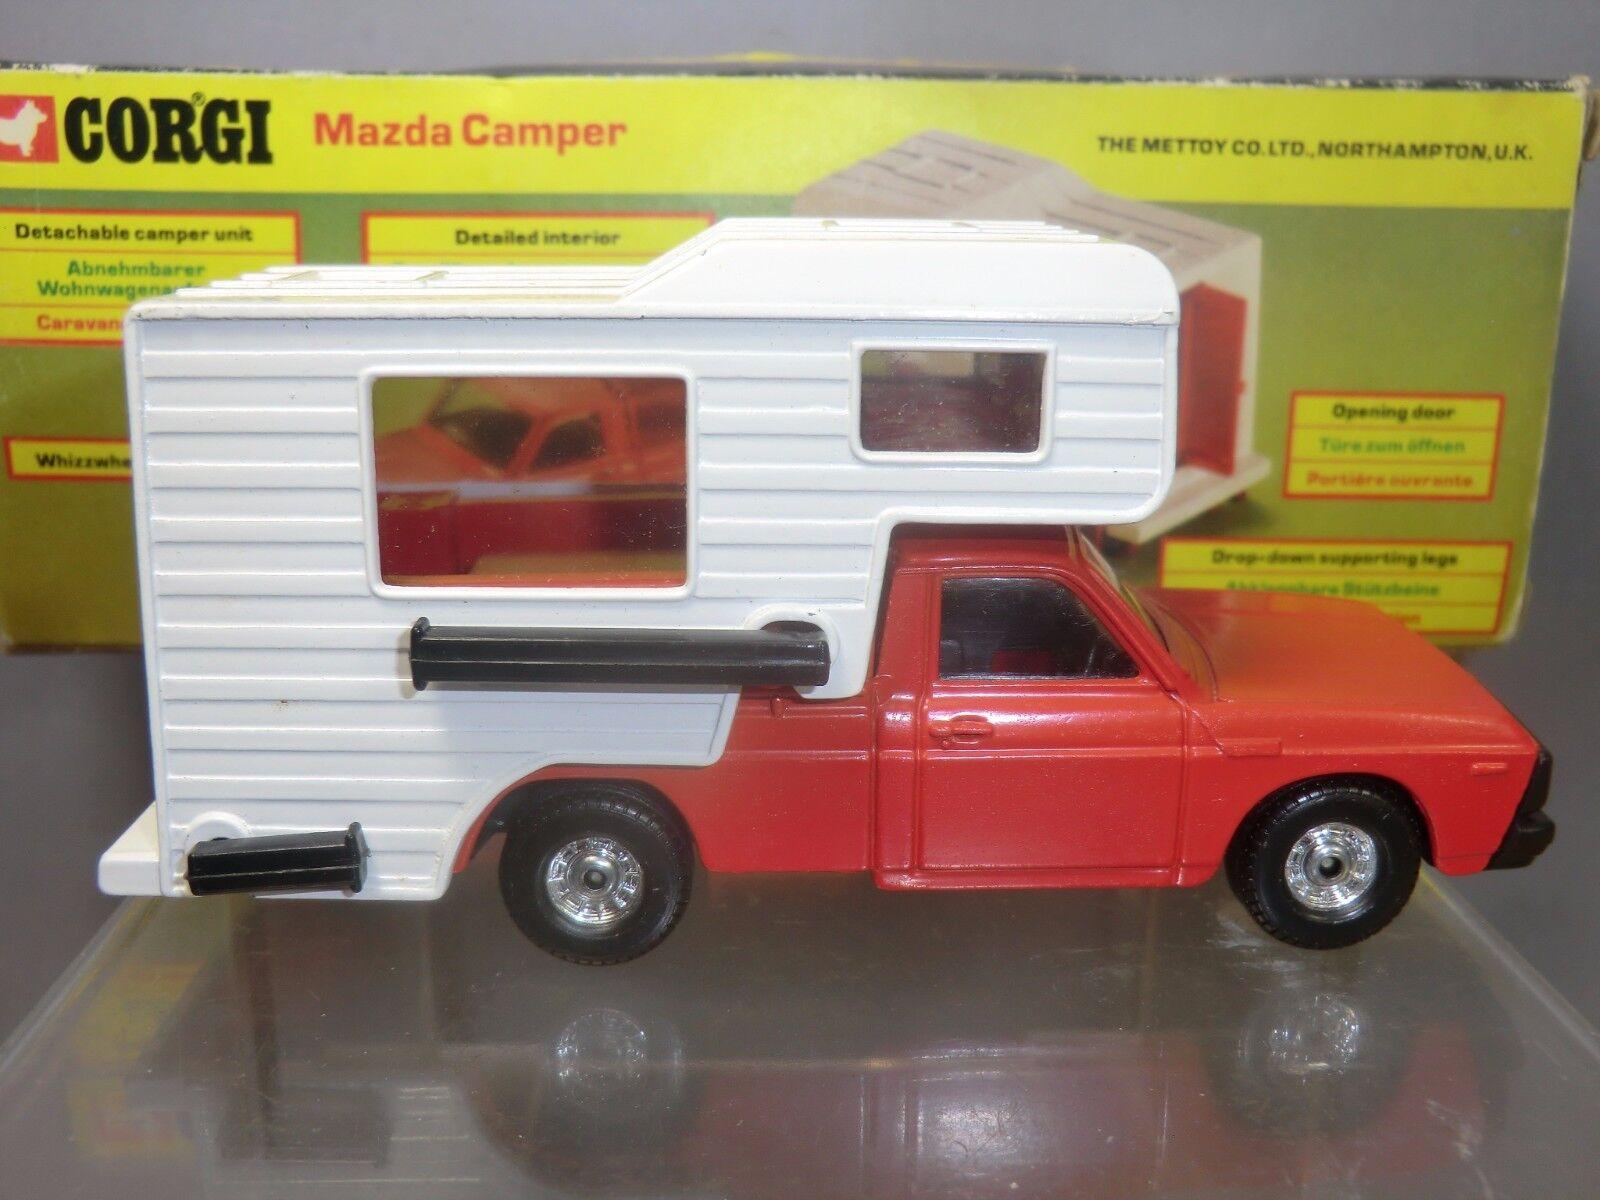 CORGI TOYS MODEL No. 415 MAZDA MAZDA MAZDA   CAMPER             VN   MIB c84ca7